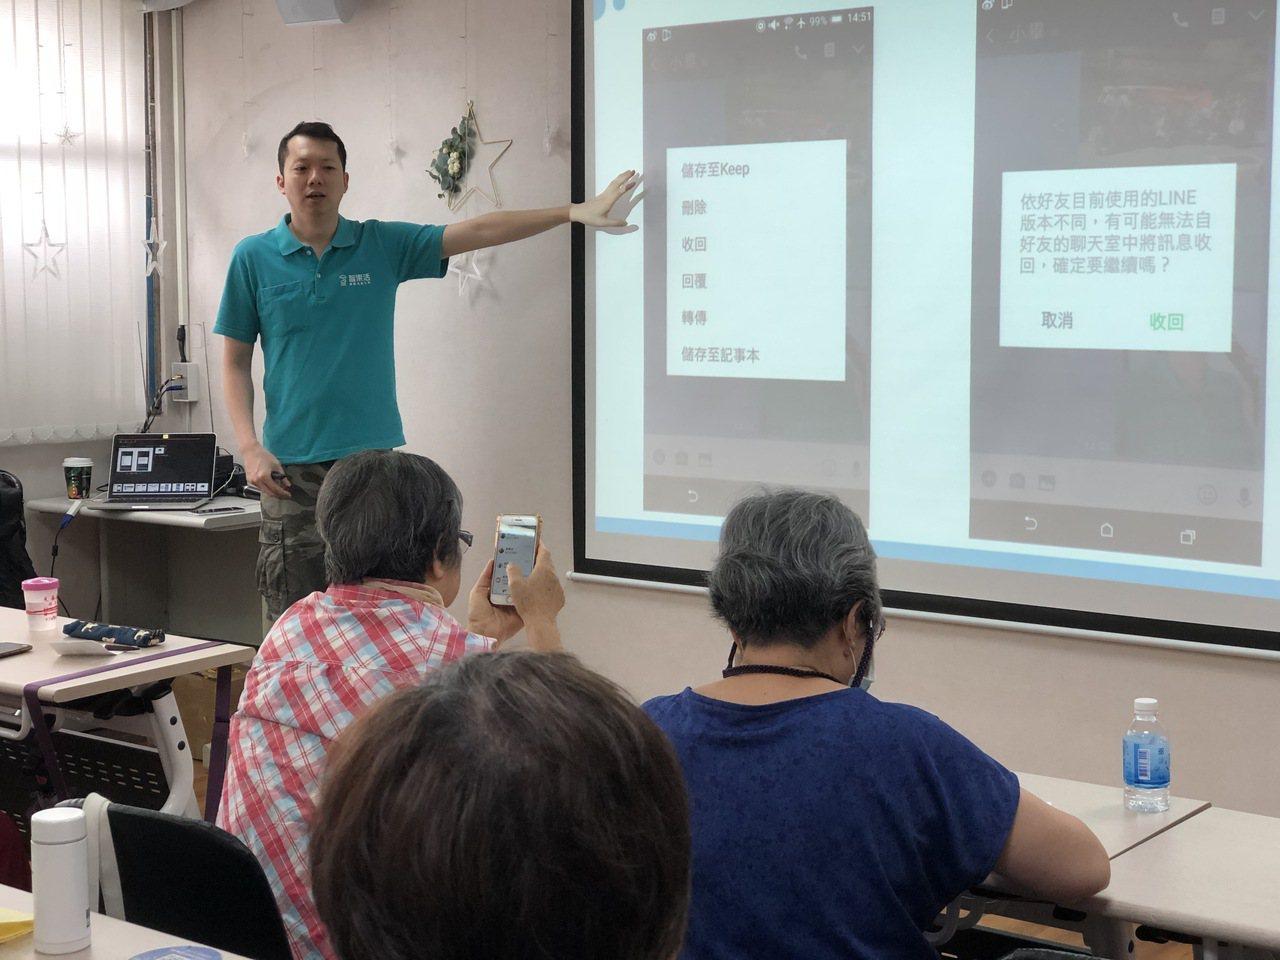 「智樂活 樂齡活動社群」團隊認為,雲端存取對熟齡族來說是很實用的數位技能。 「智...